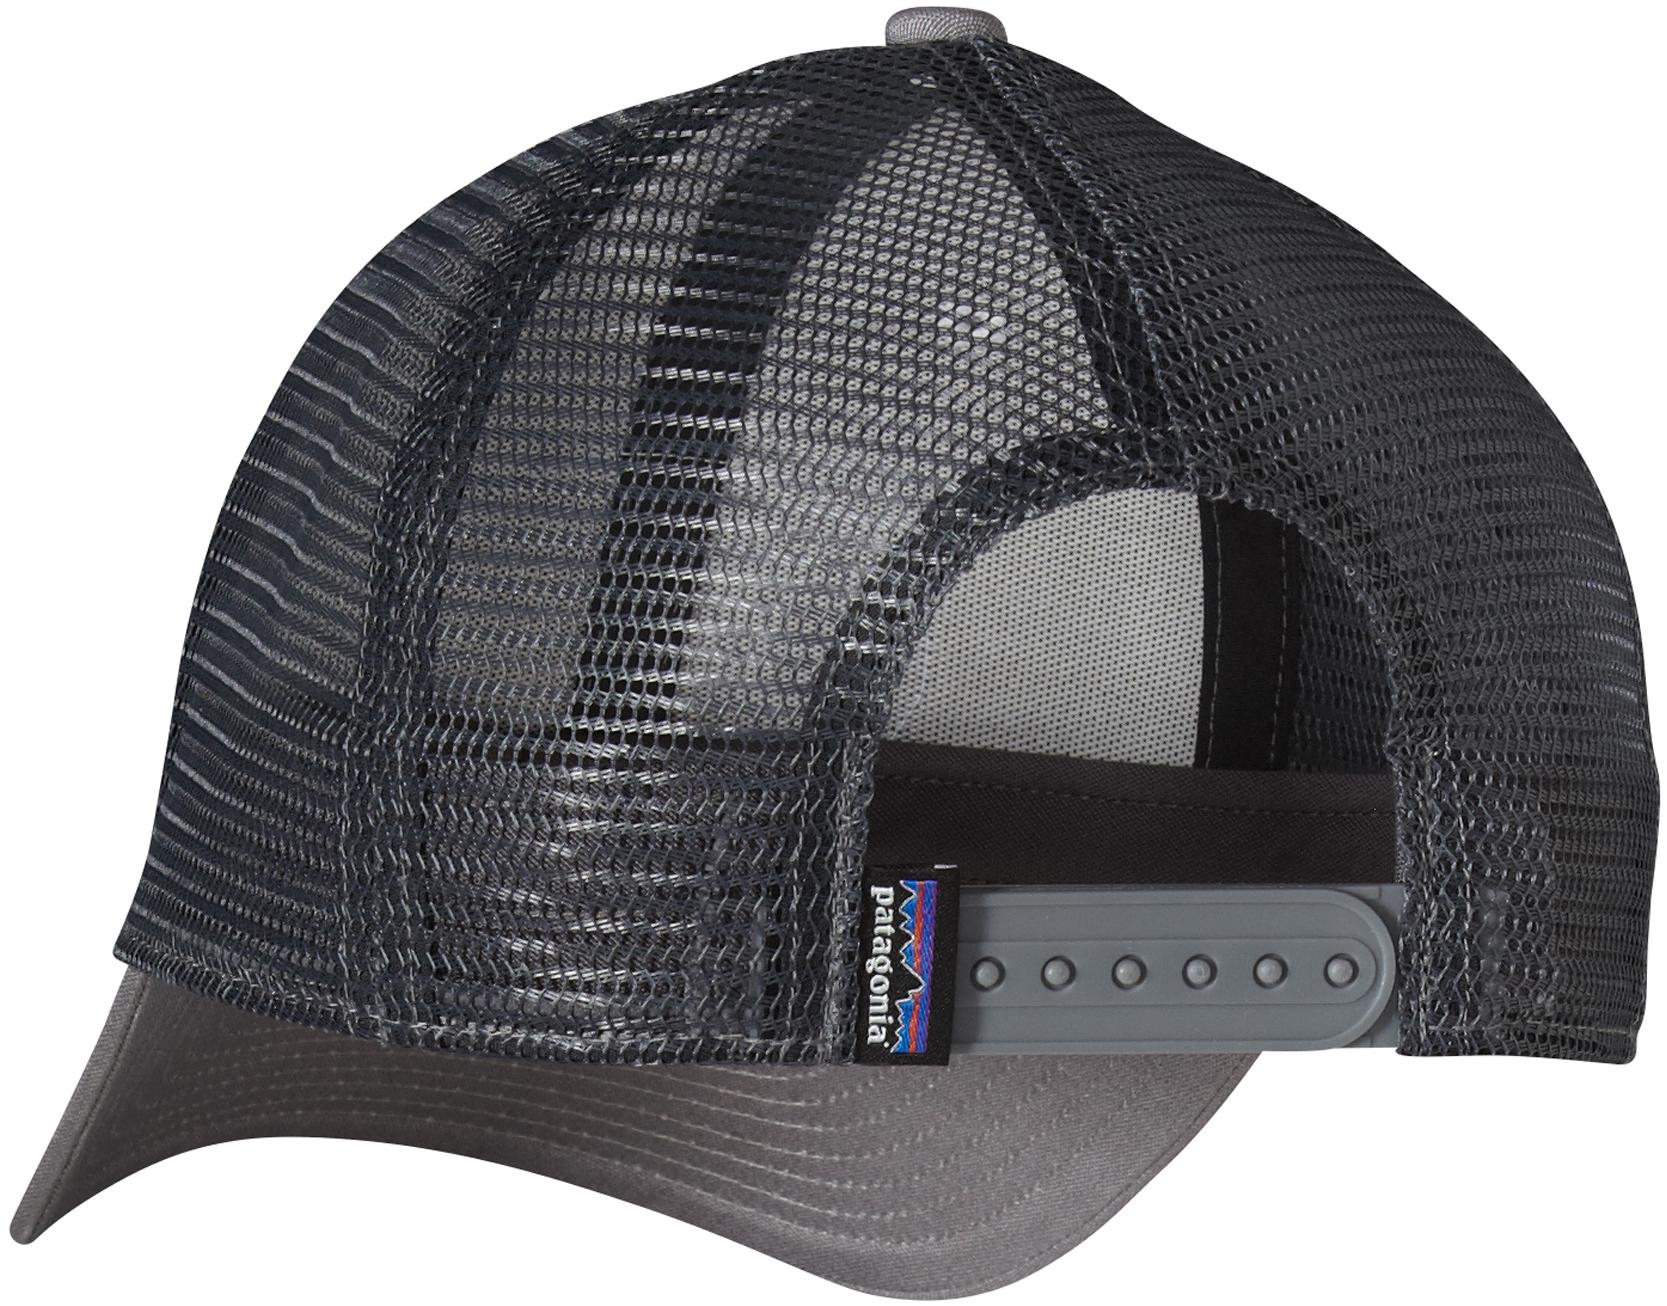 Patagonia Hog Tag Lopro Trucker Hat - Men s f9681f2fd29e